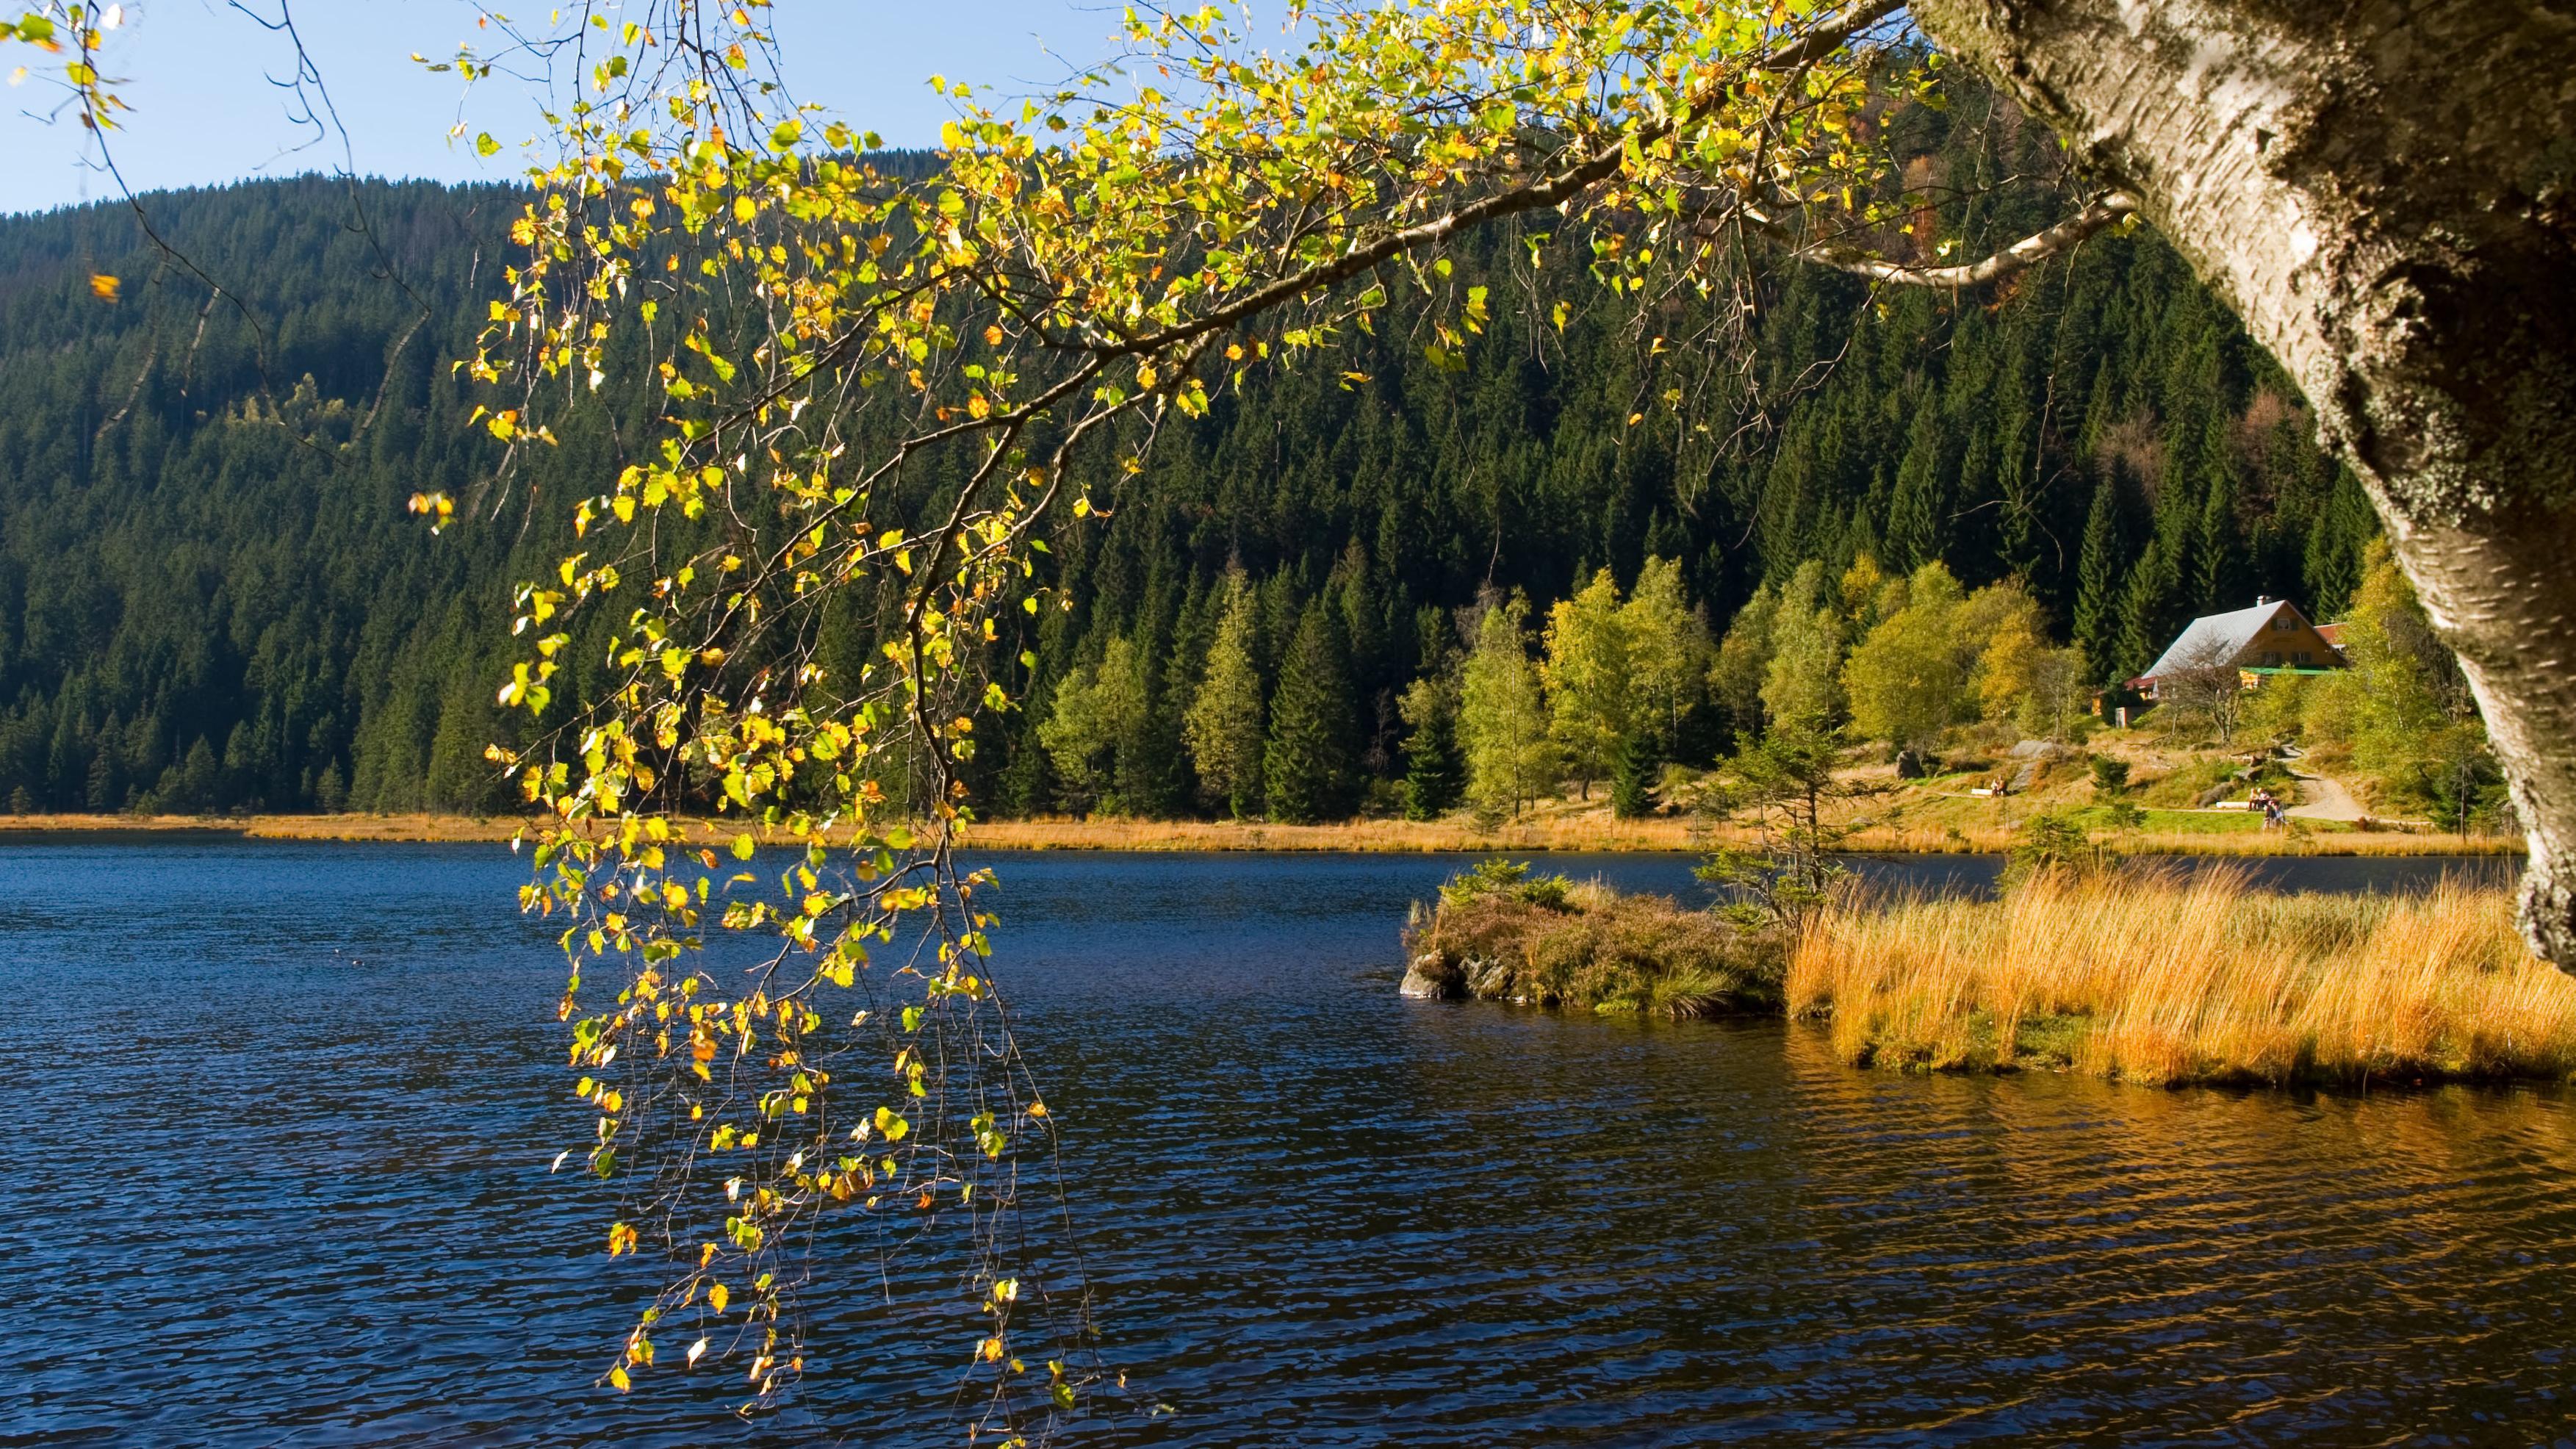 Der Kleine Arbersee fünf Kilometer südlich des Ortes Arber sowie auf dem Gebiet der Gemeinde Lohberg ist einer von drei Karseen des Bayerischen Waldes, aufgenommen am 14.10.2010.